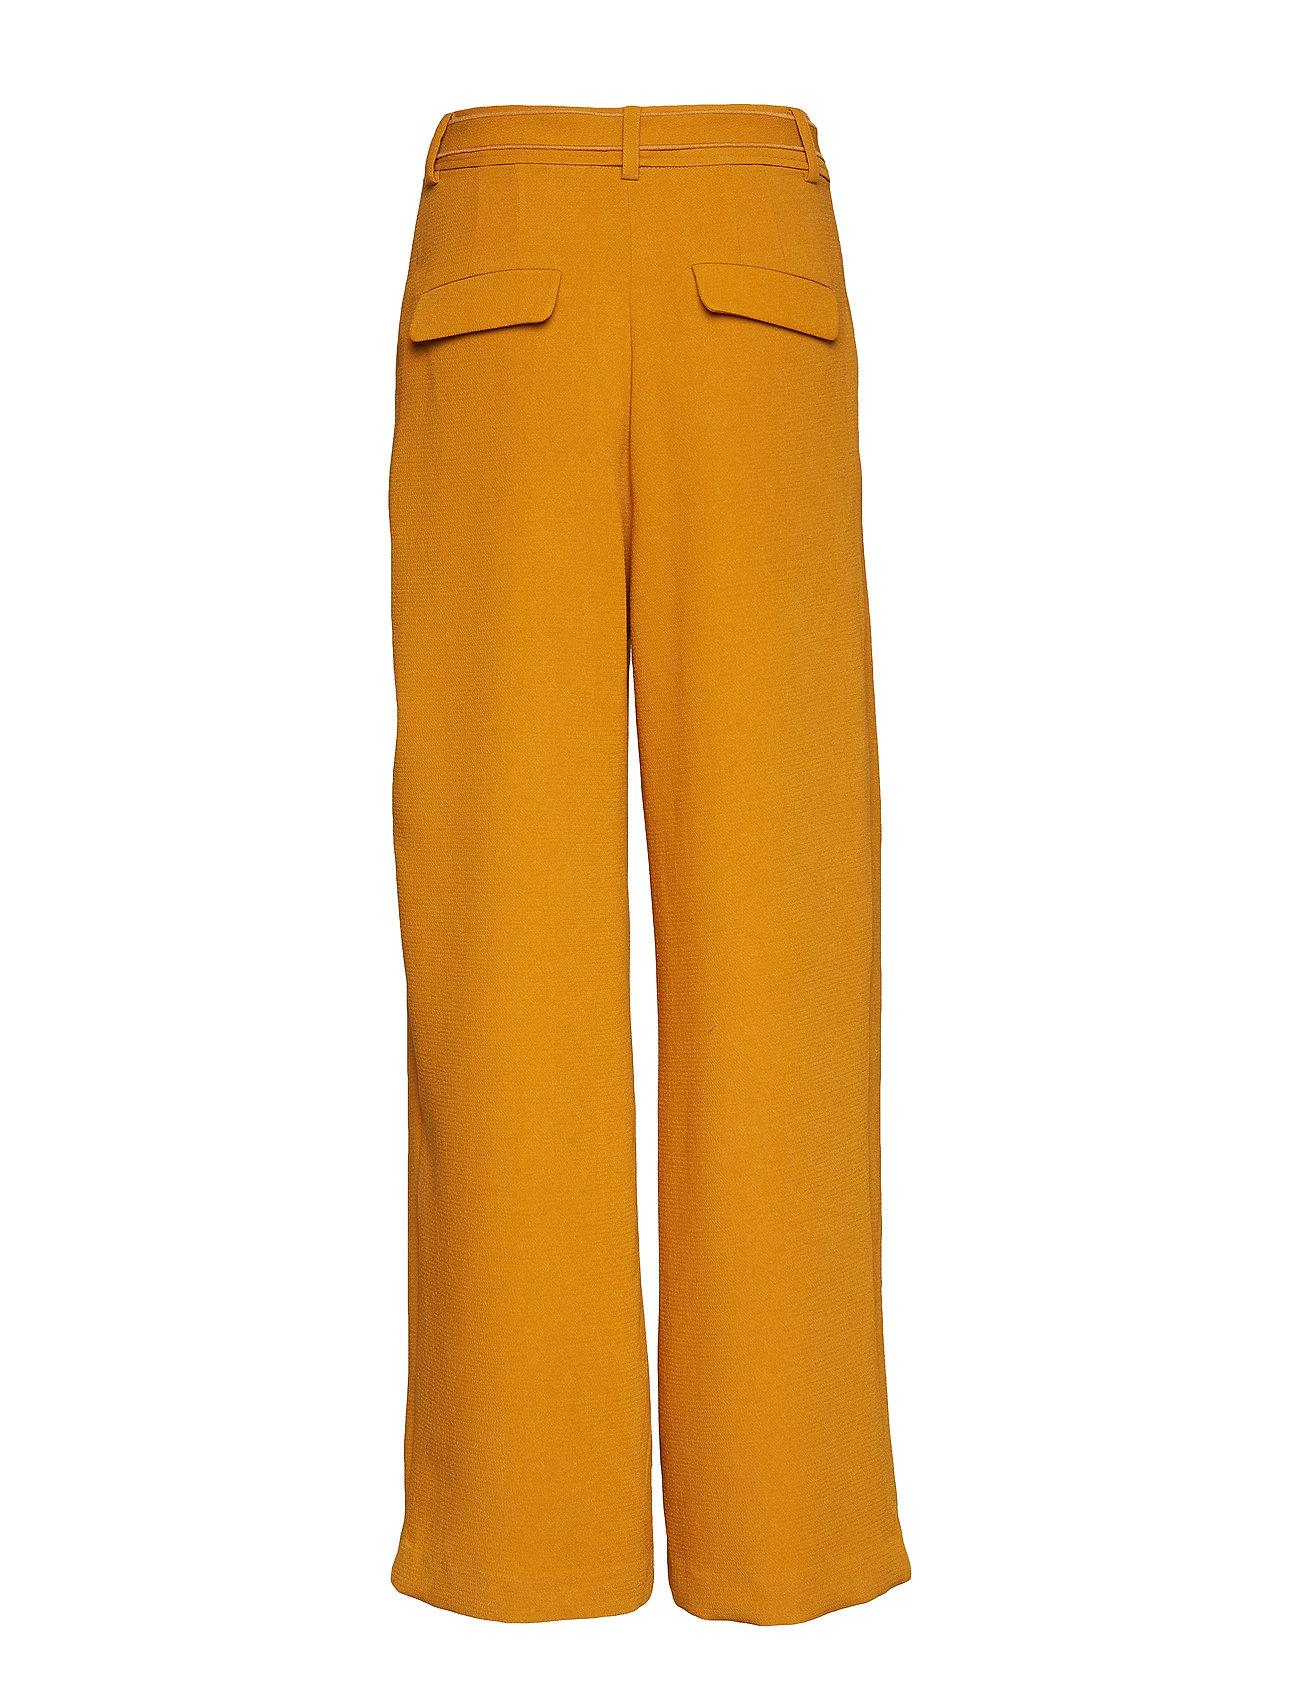 Samsøe Samsøe Denise trousers 10456 - Spodnie INCA GOLD - Kobiety Odzież.